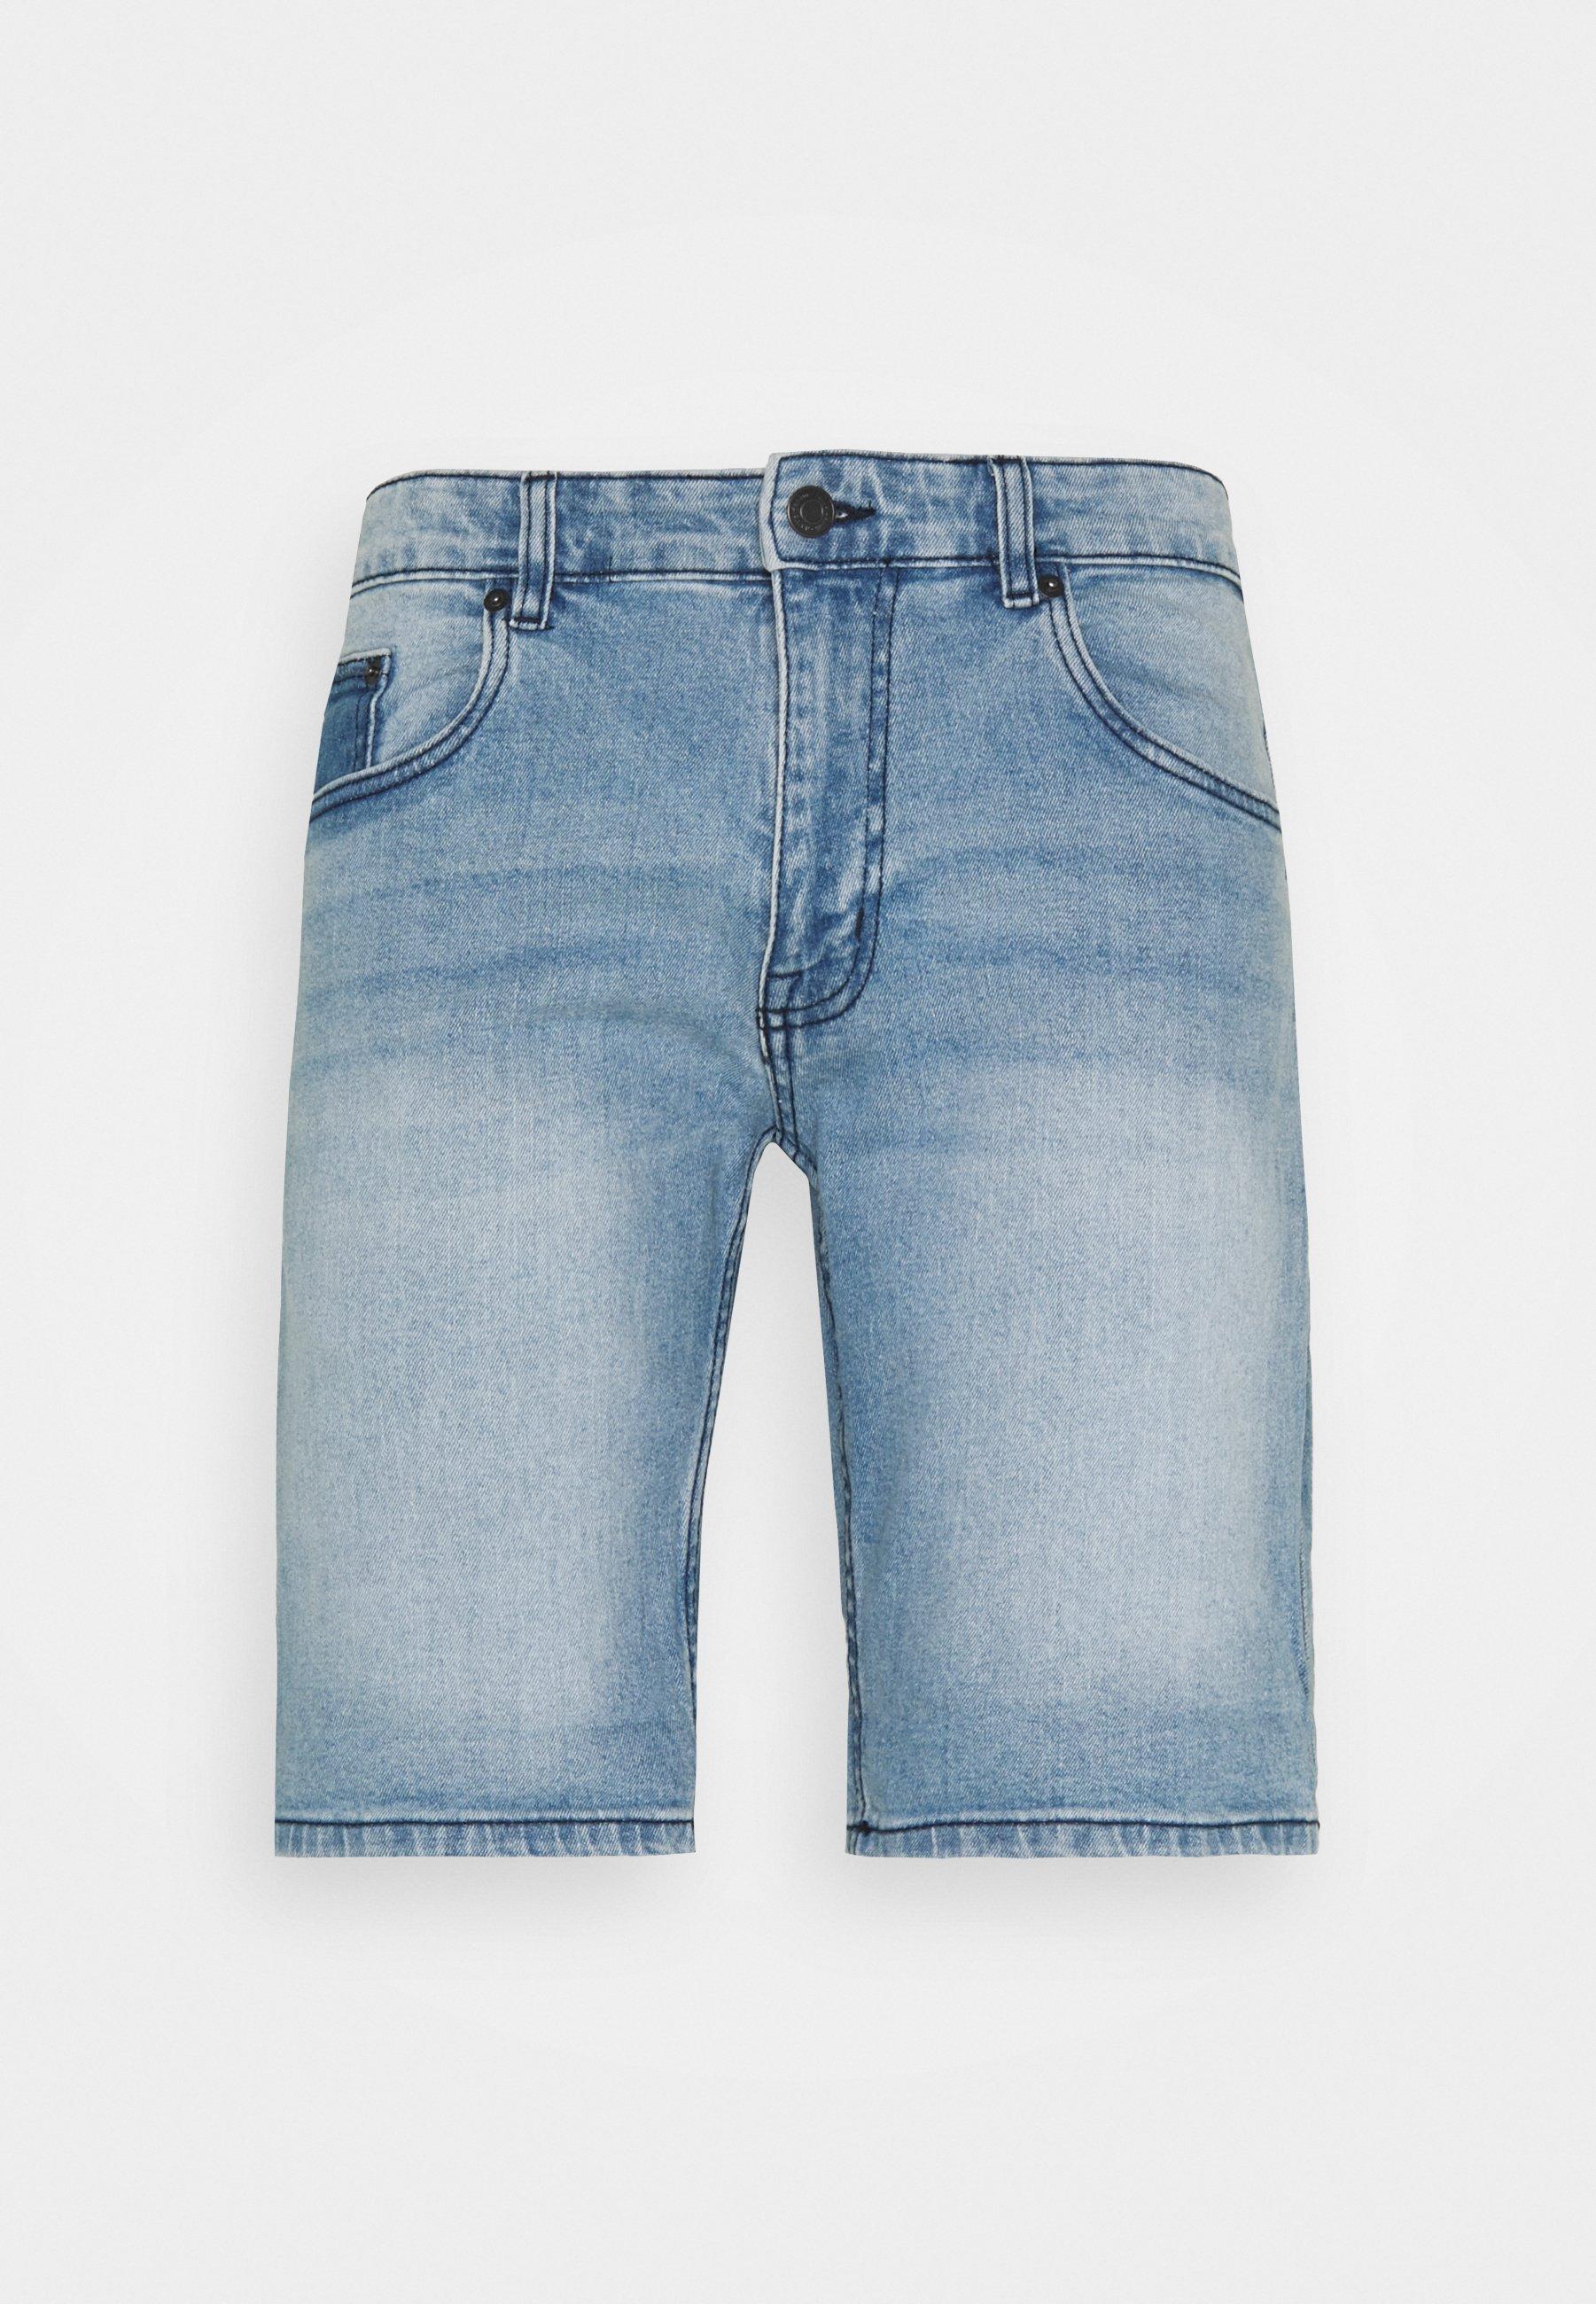 Homme PARIS - Short en jean